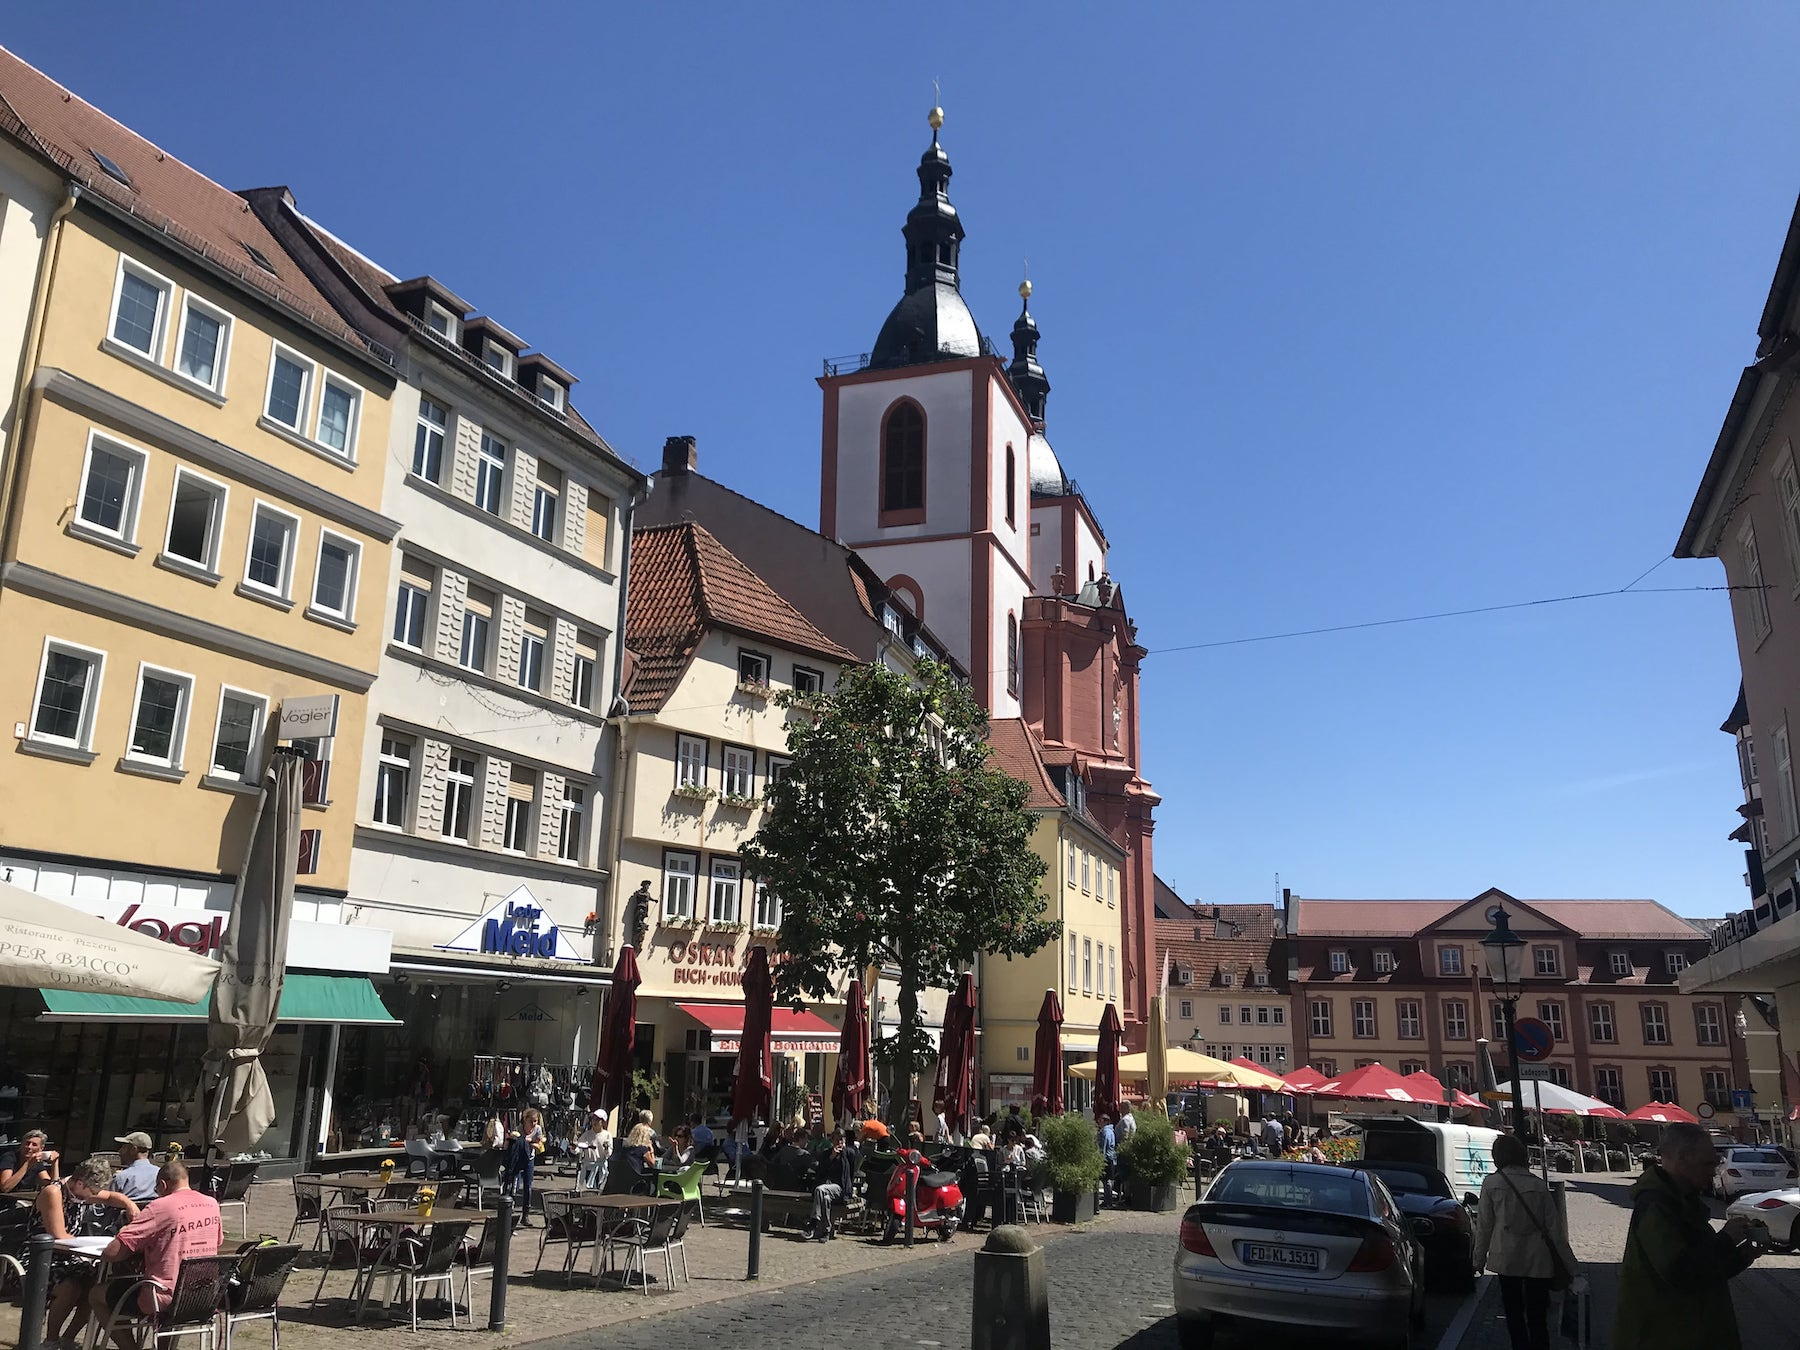 Wohnmobil Tour Hessen Fulda